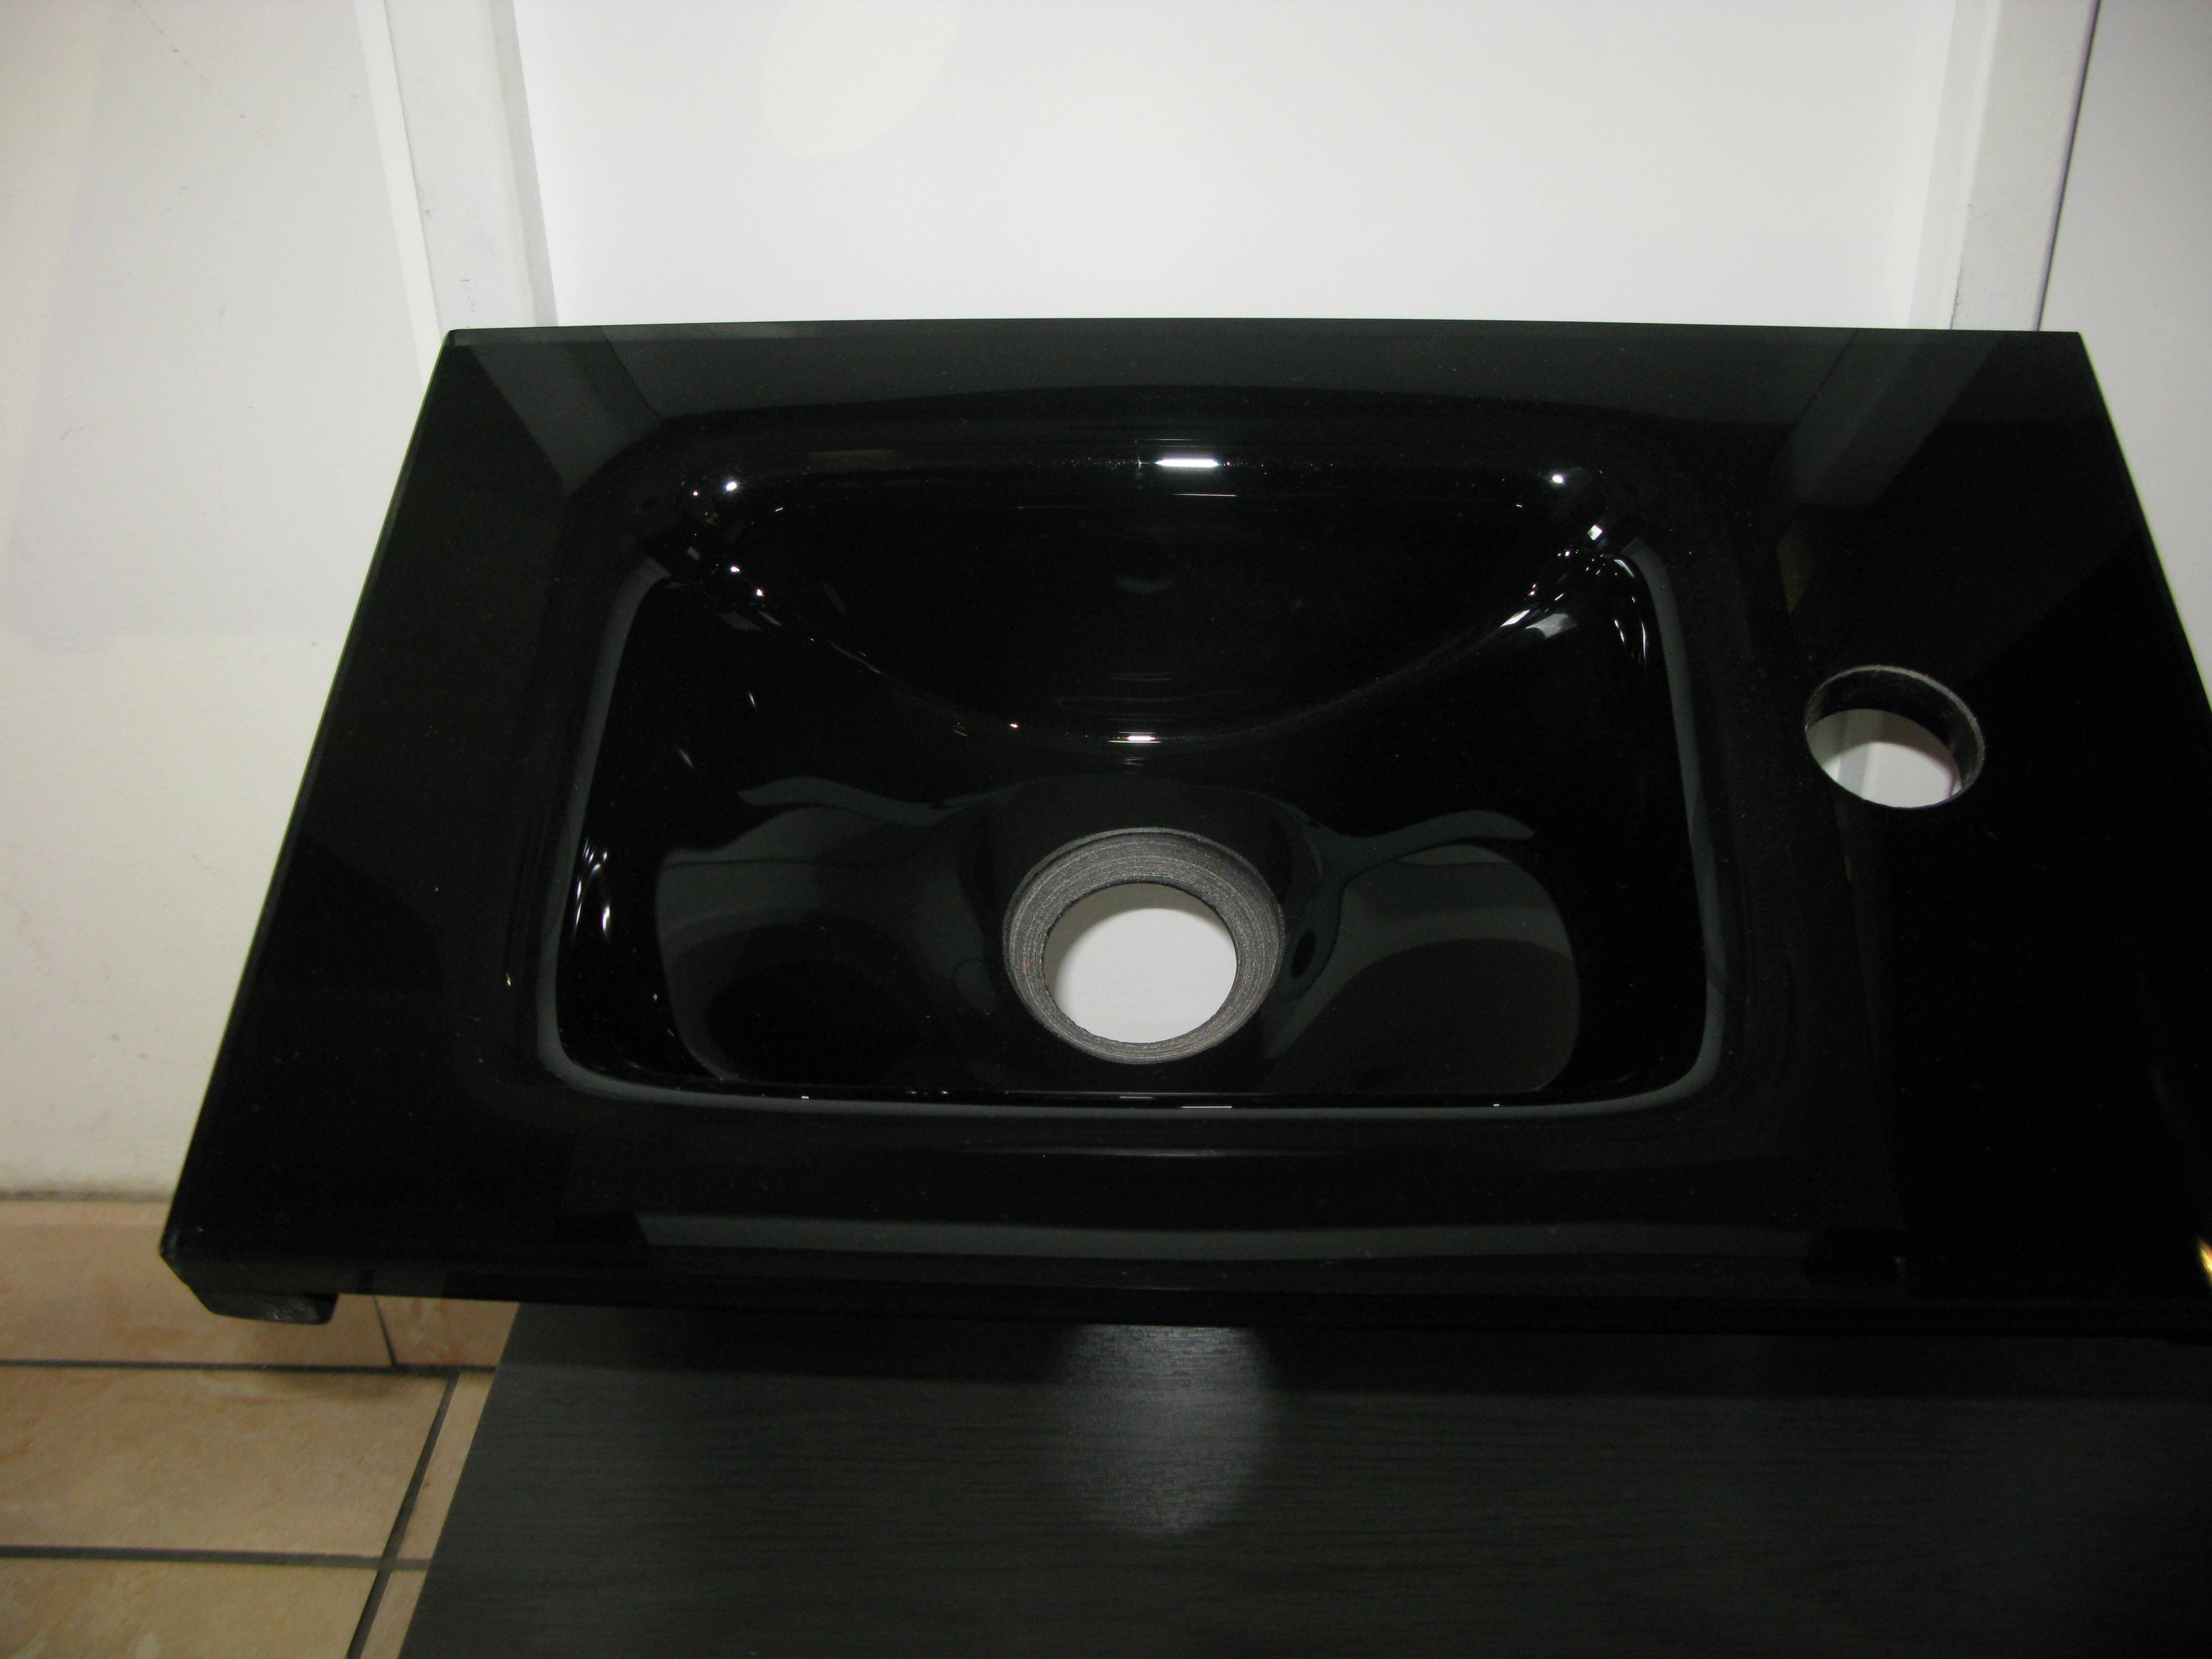 Carrelage en ligne faiences cuisine sanitaire toulouse paris - Renover salle de bain pas cher ...